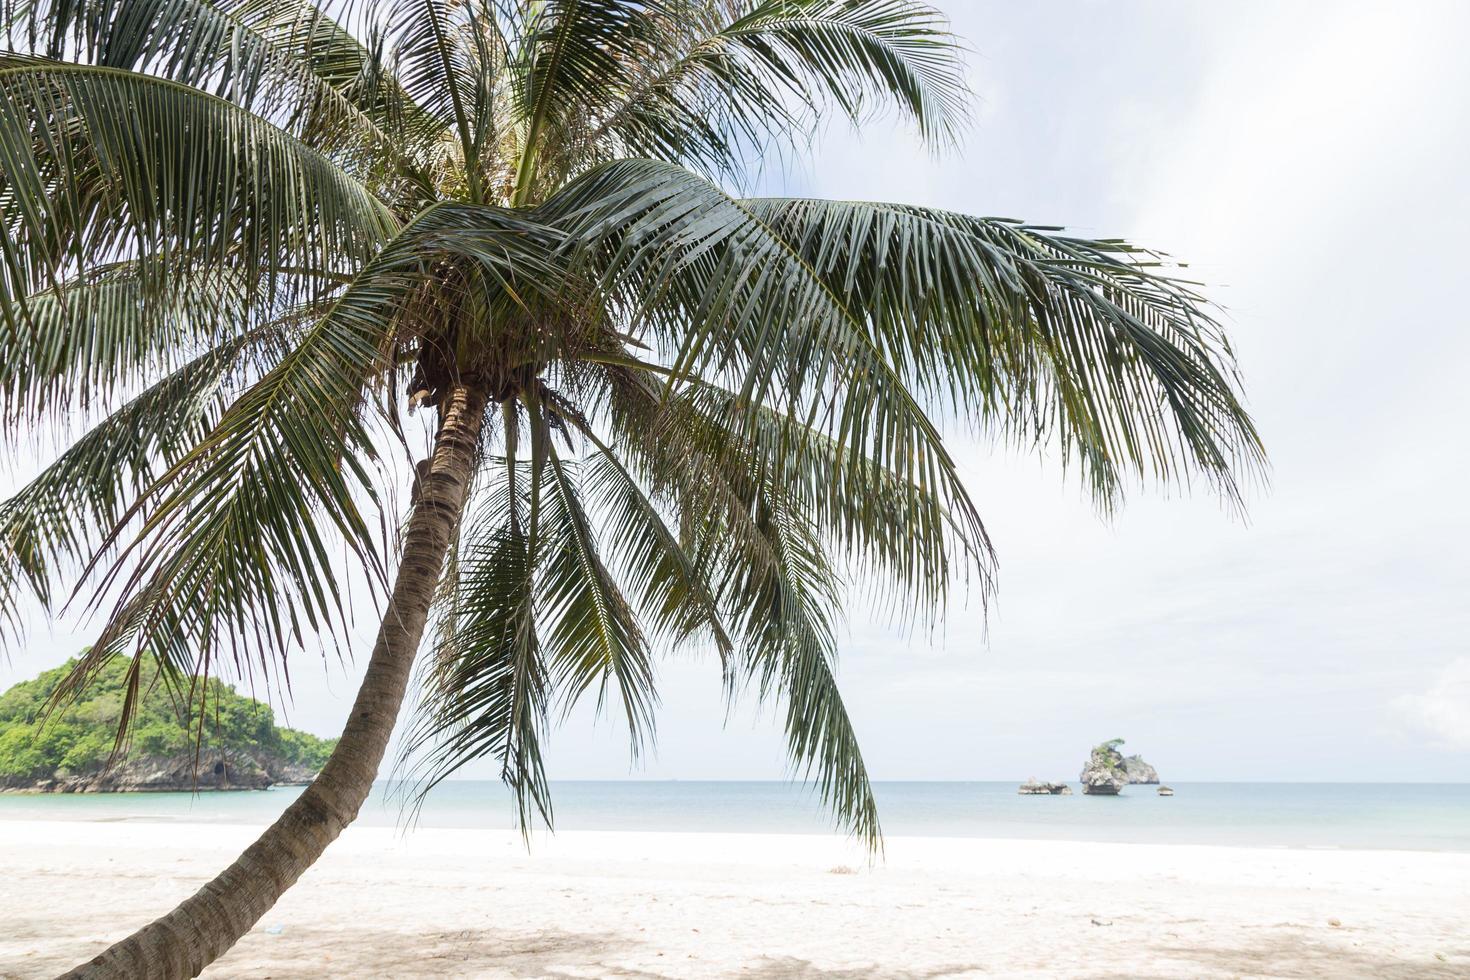 kokospalm vid stranden foto